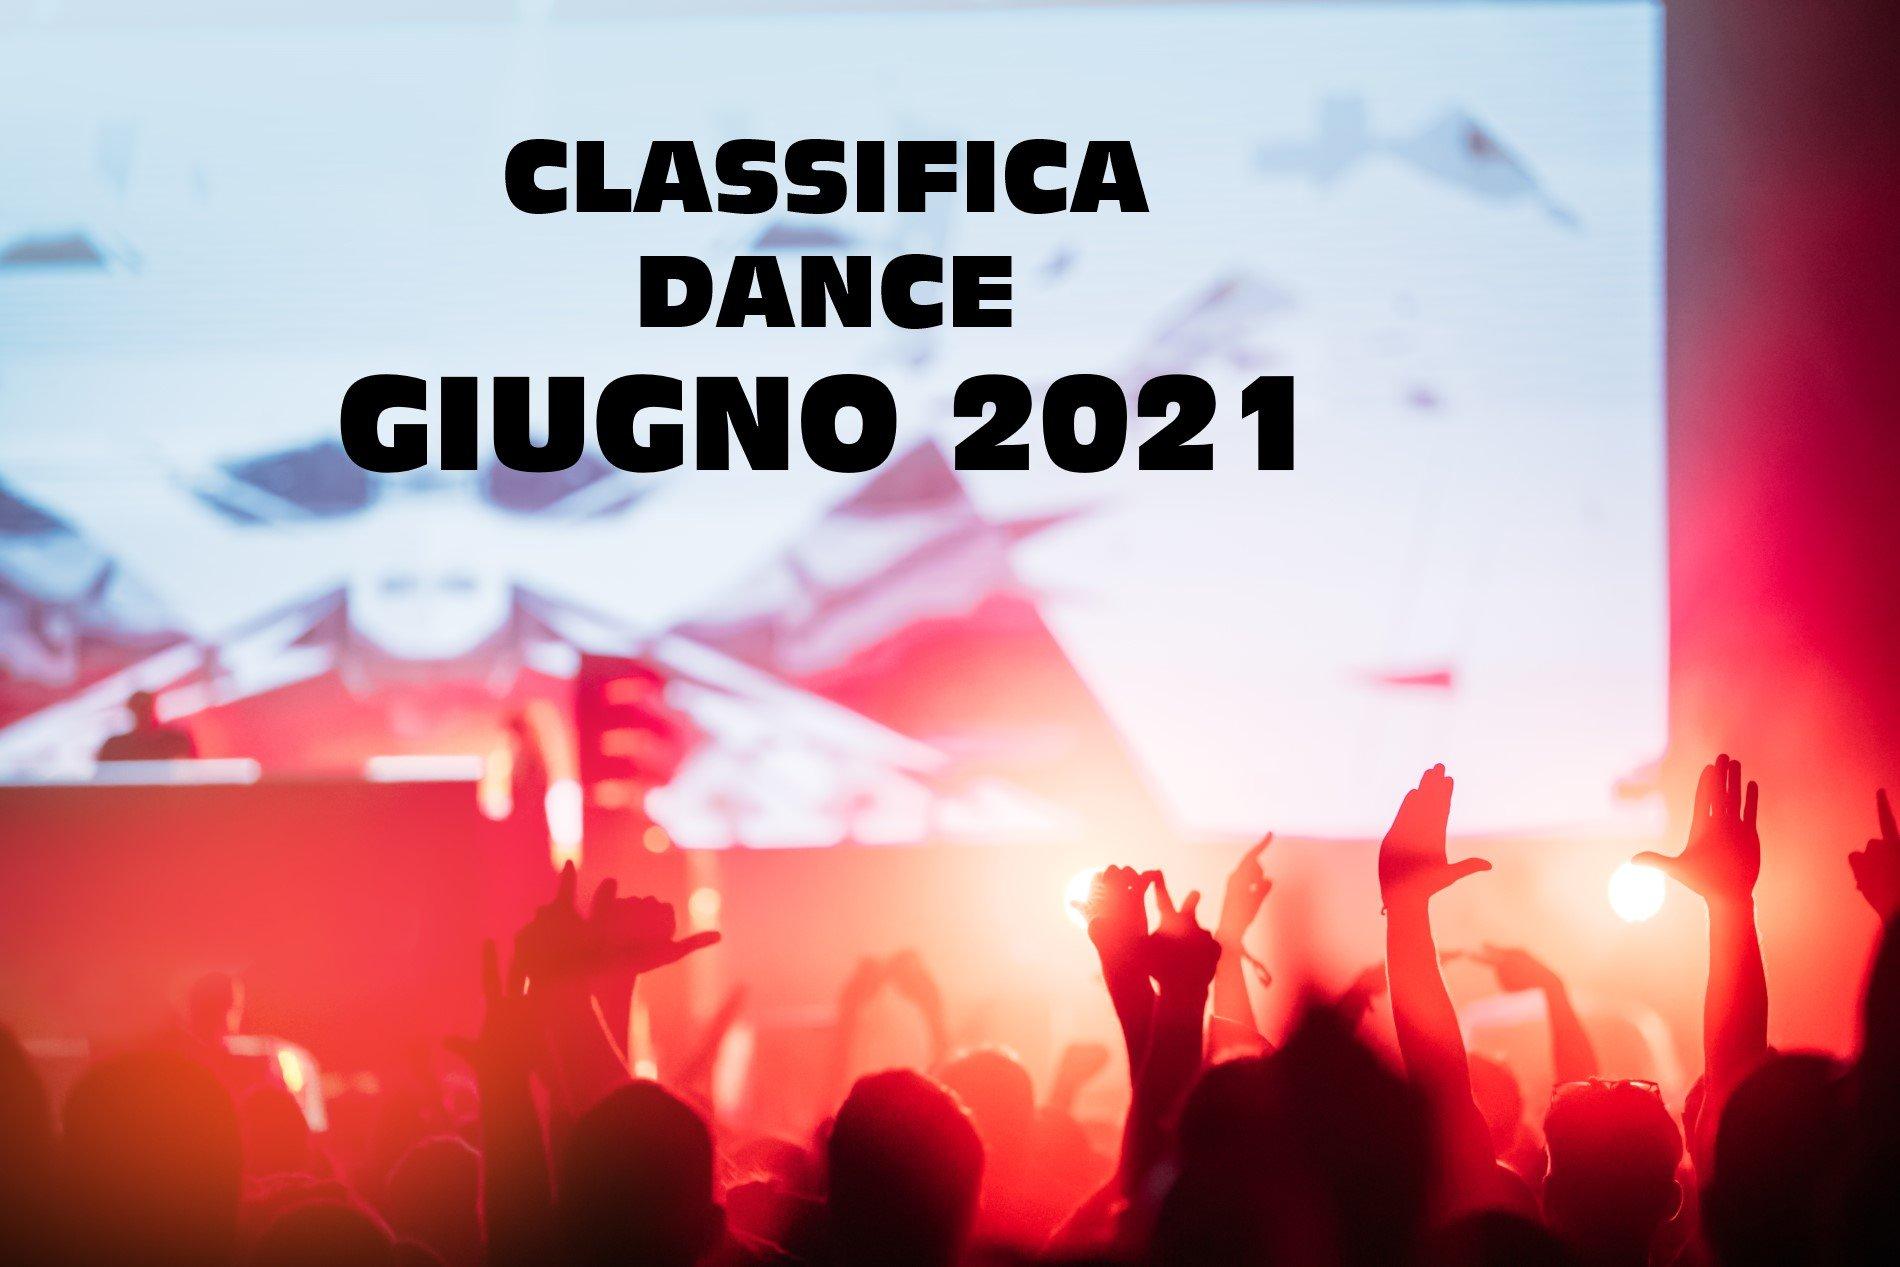 CLASSIFICA MUSICA DANCE GIUGNO 2021 Musica Dance del Momento GIUGNO 2021 1